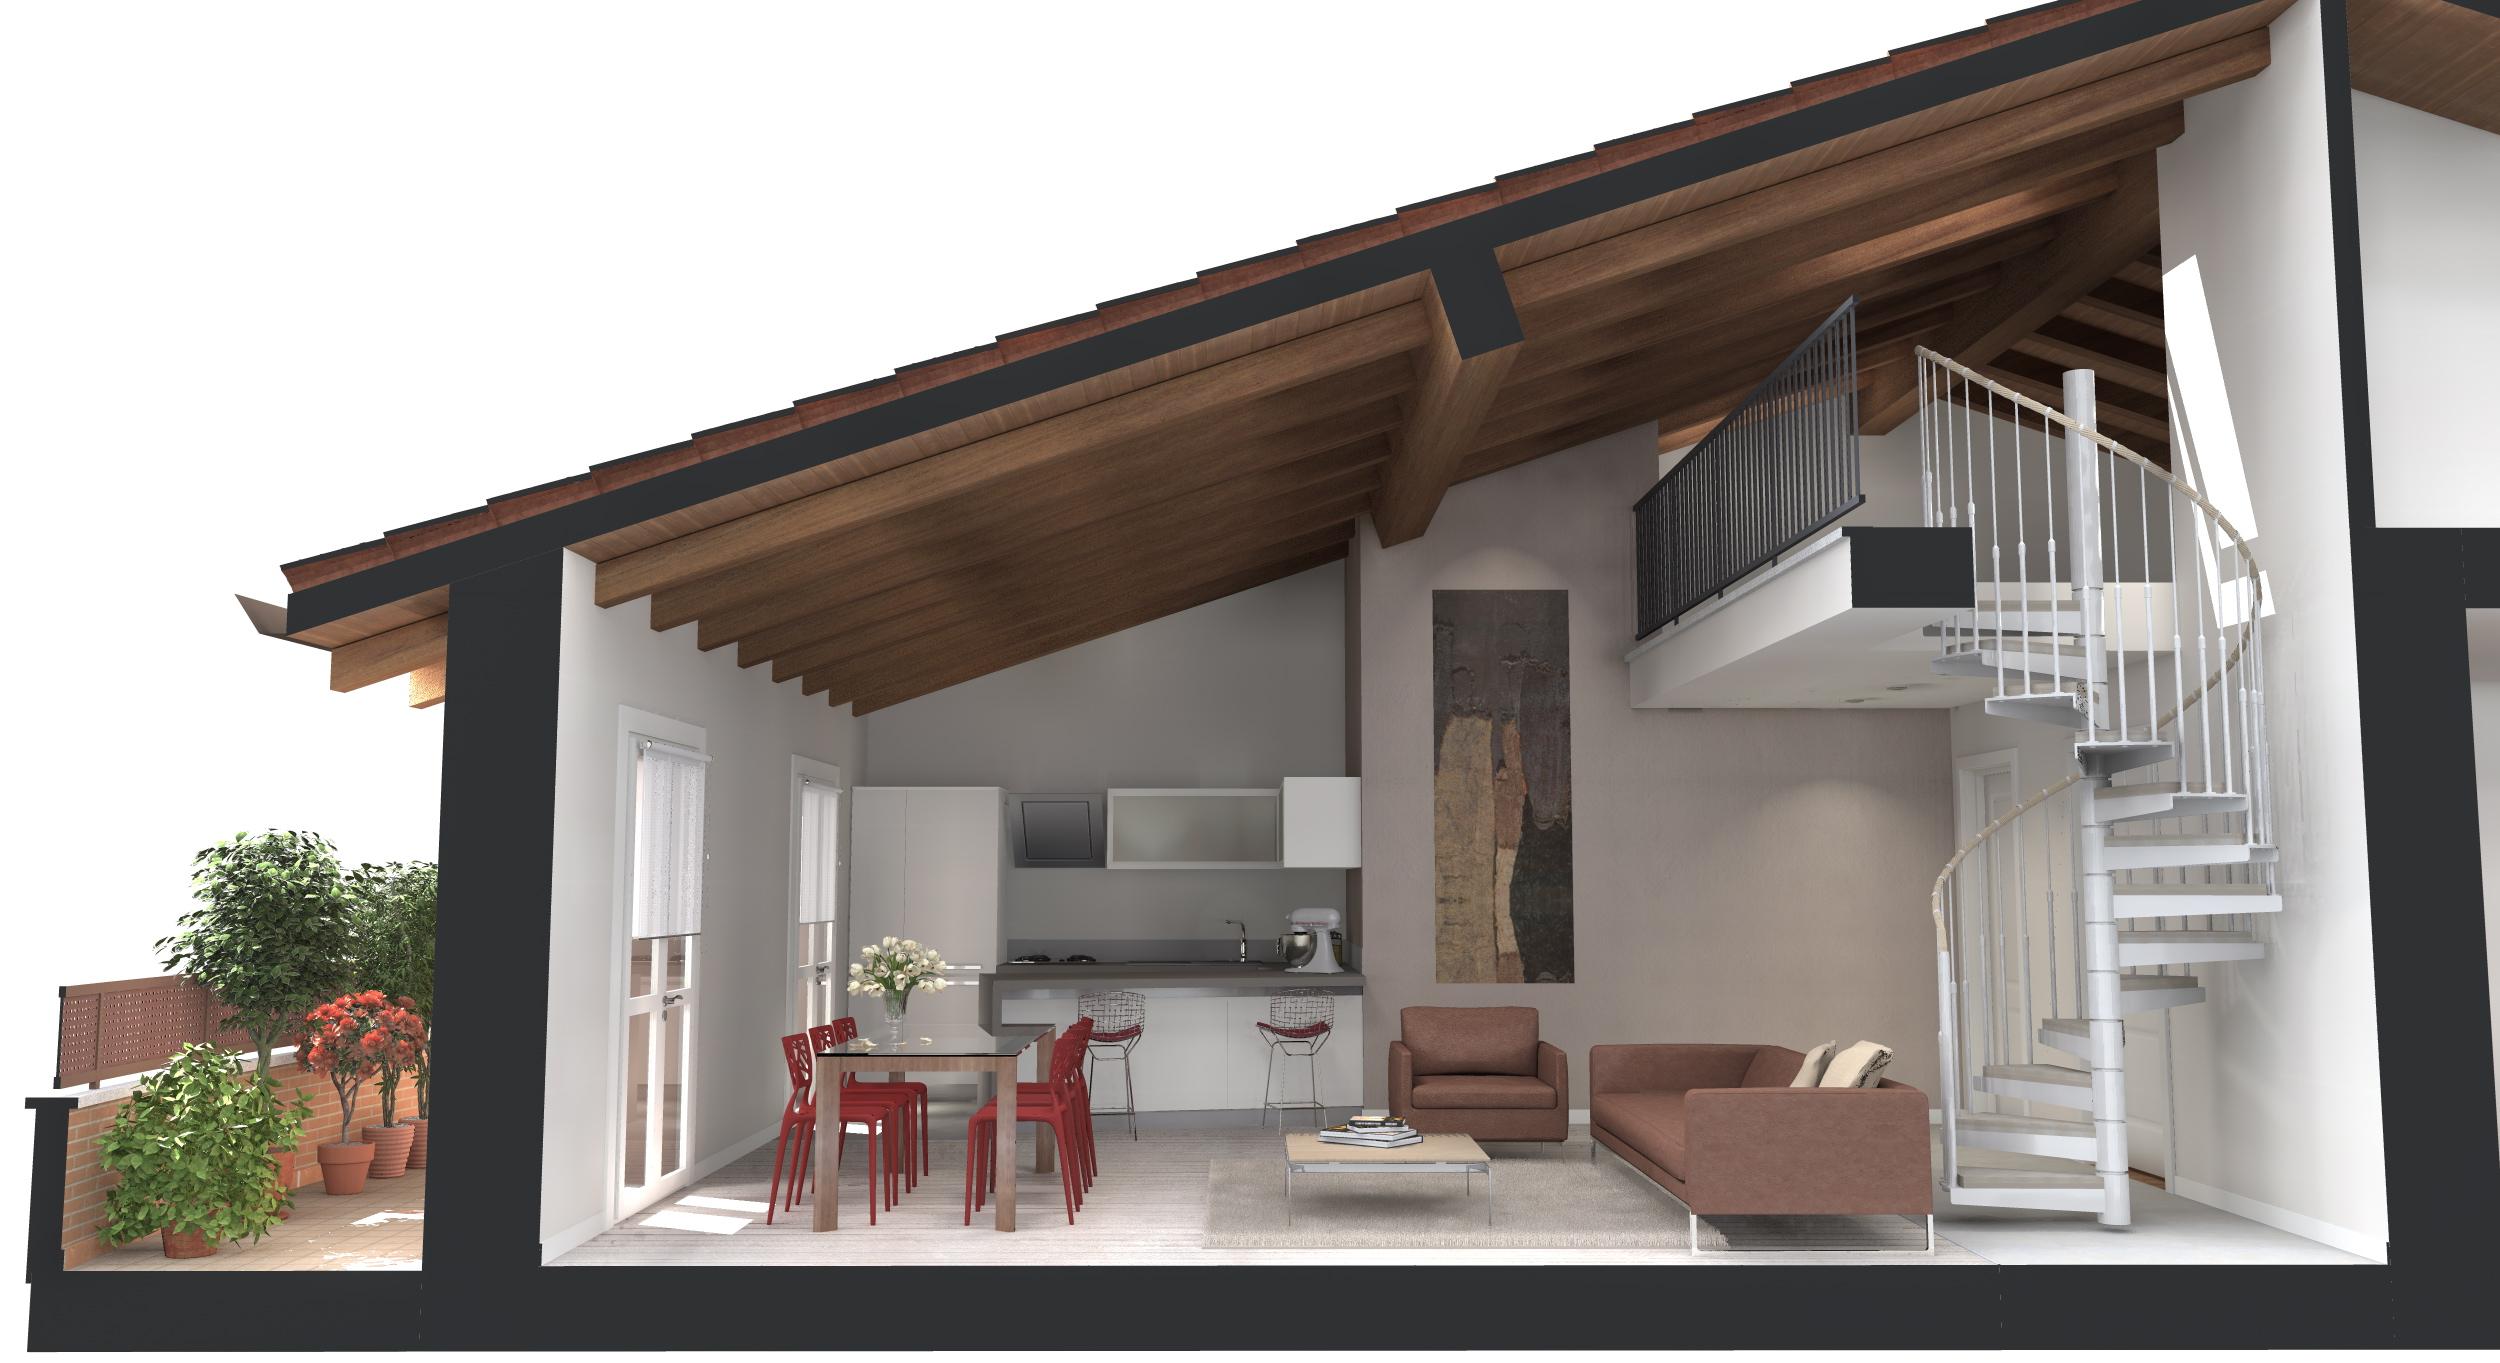 Appartamenti di nuova costruzione ad argenta ferrara in for Prospetti di villette